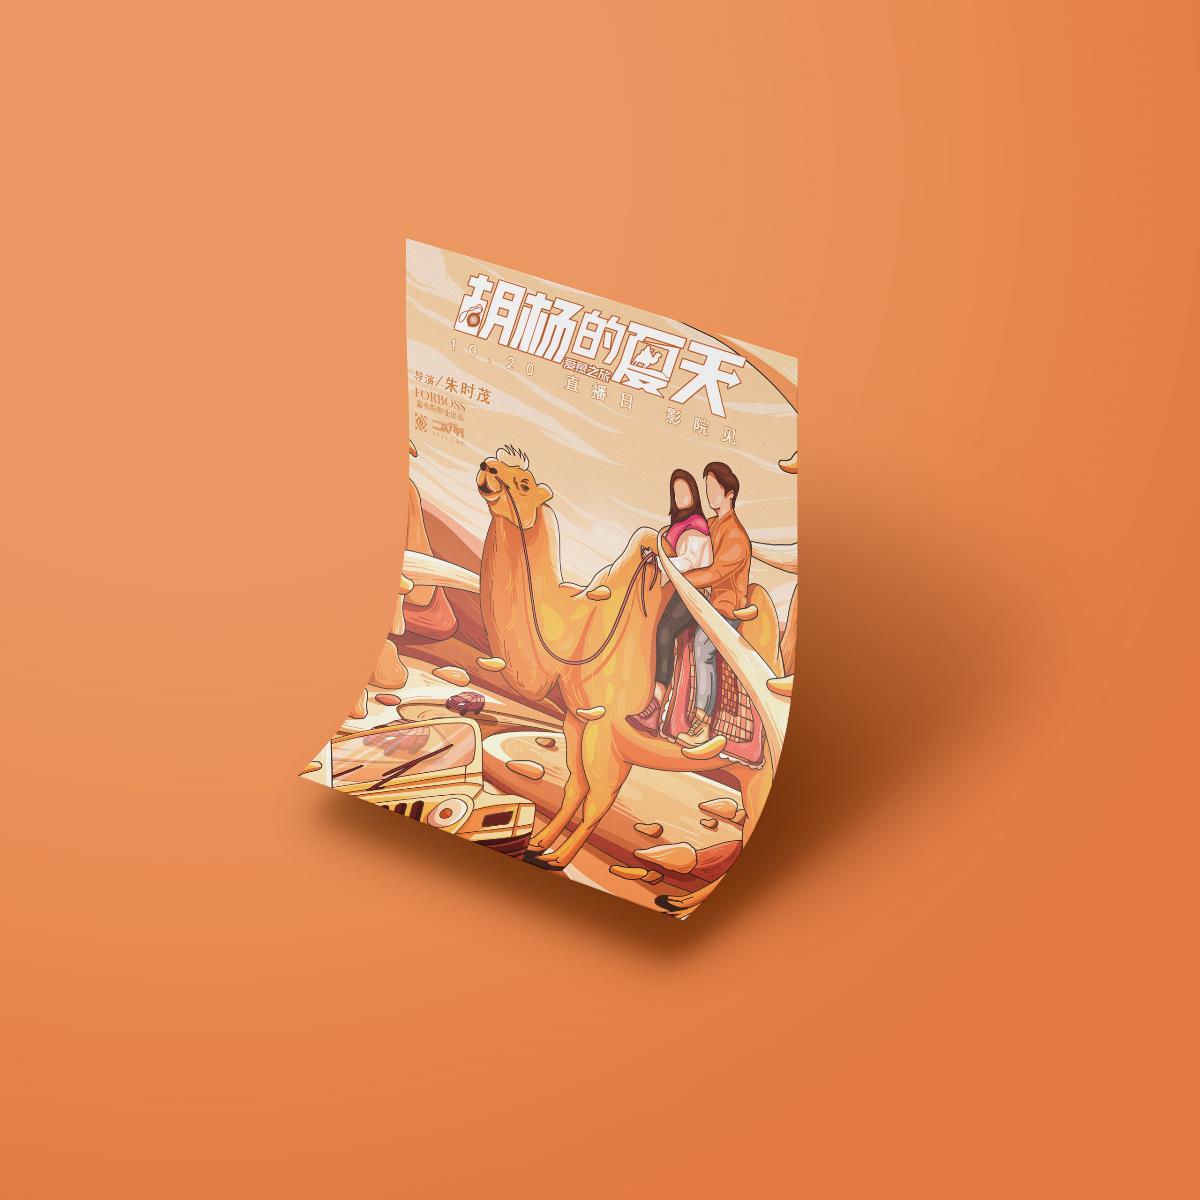 《胡杨的夏天》插画海报